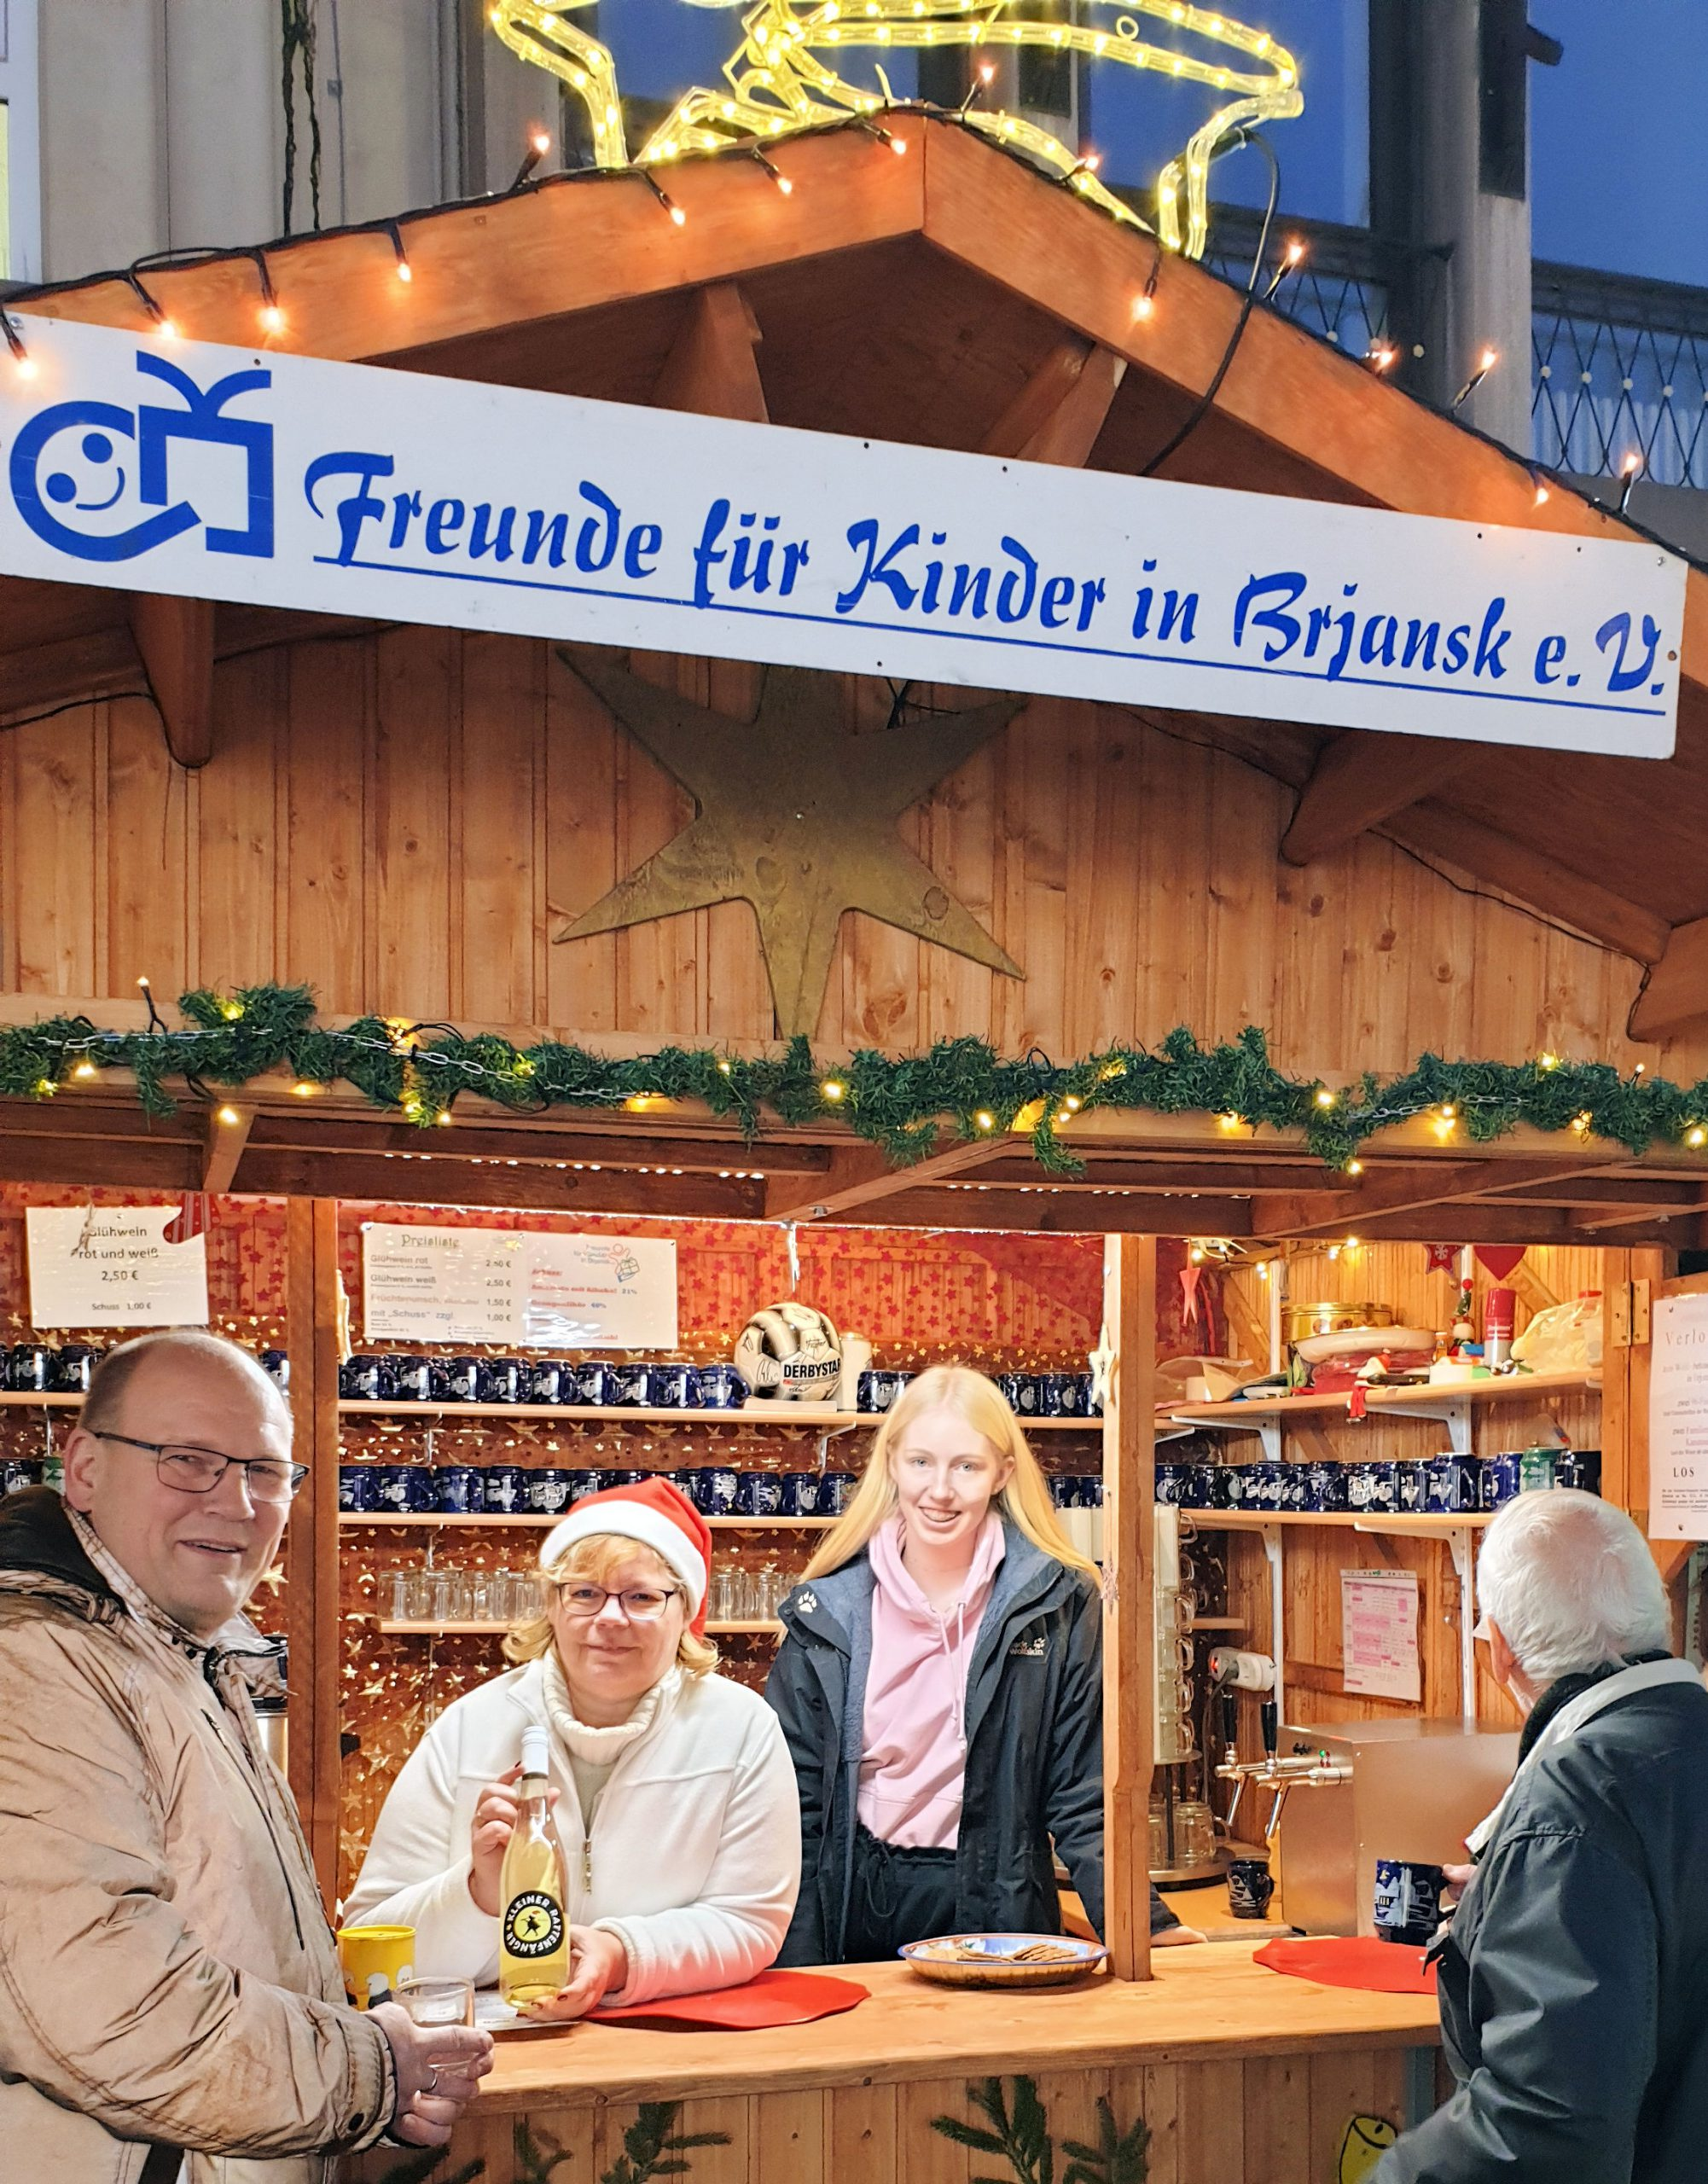 Weihnachtsmarkt Hameln Freunde für Kinder in Brjansk